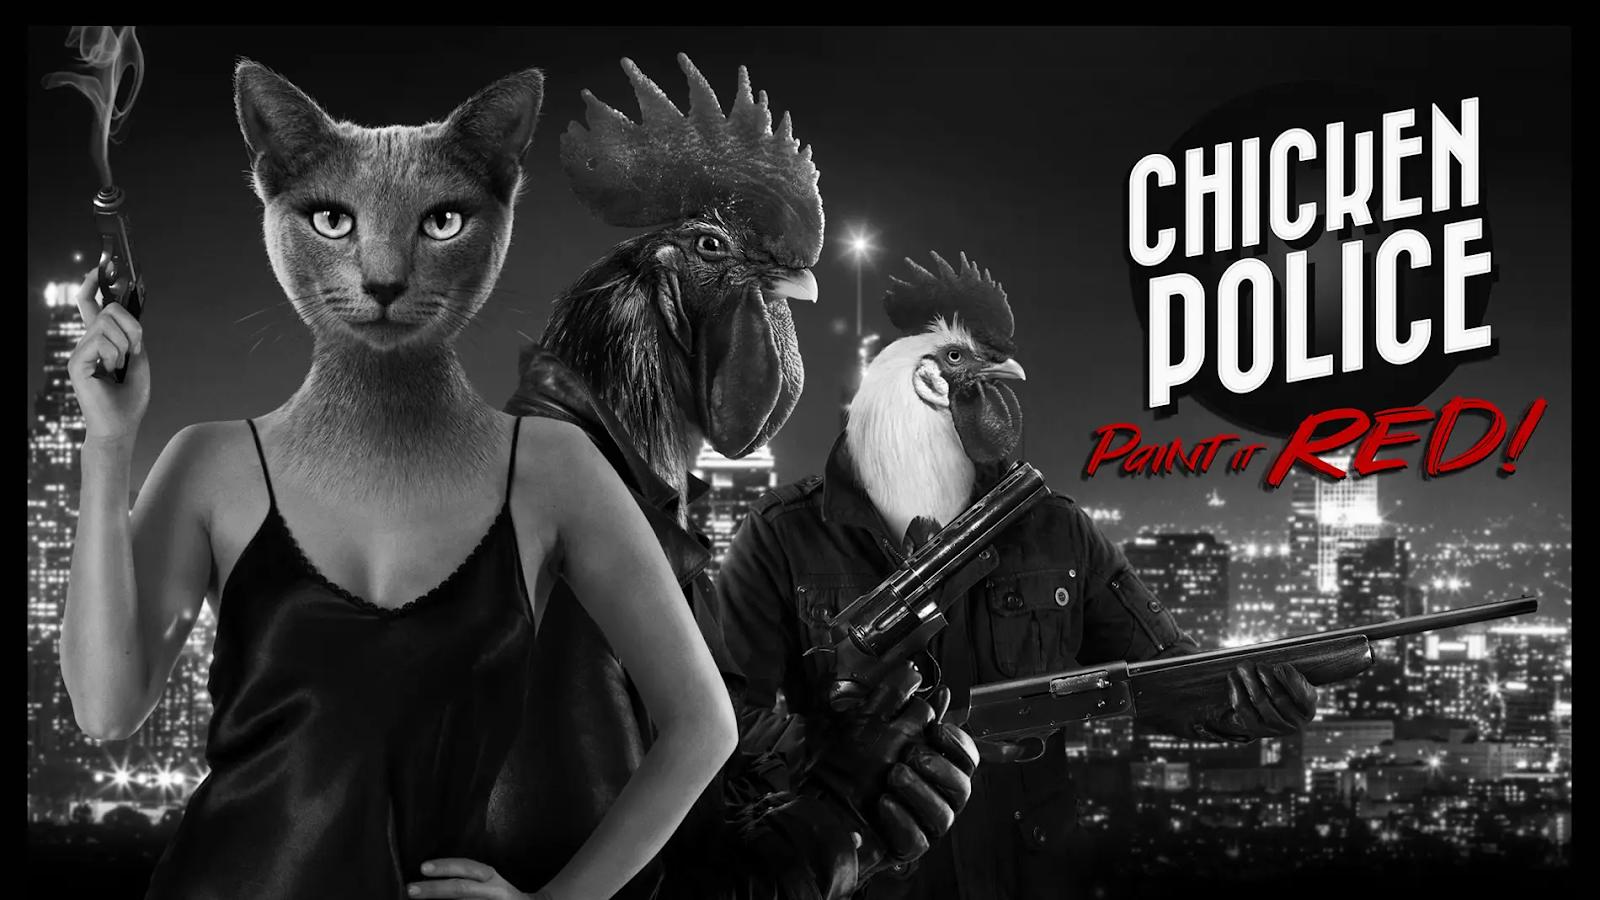 Обзор Chicken Police — сюжет без спойлеров, скришоты и геймплей